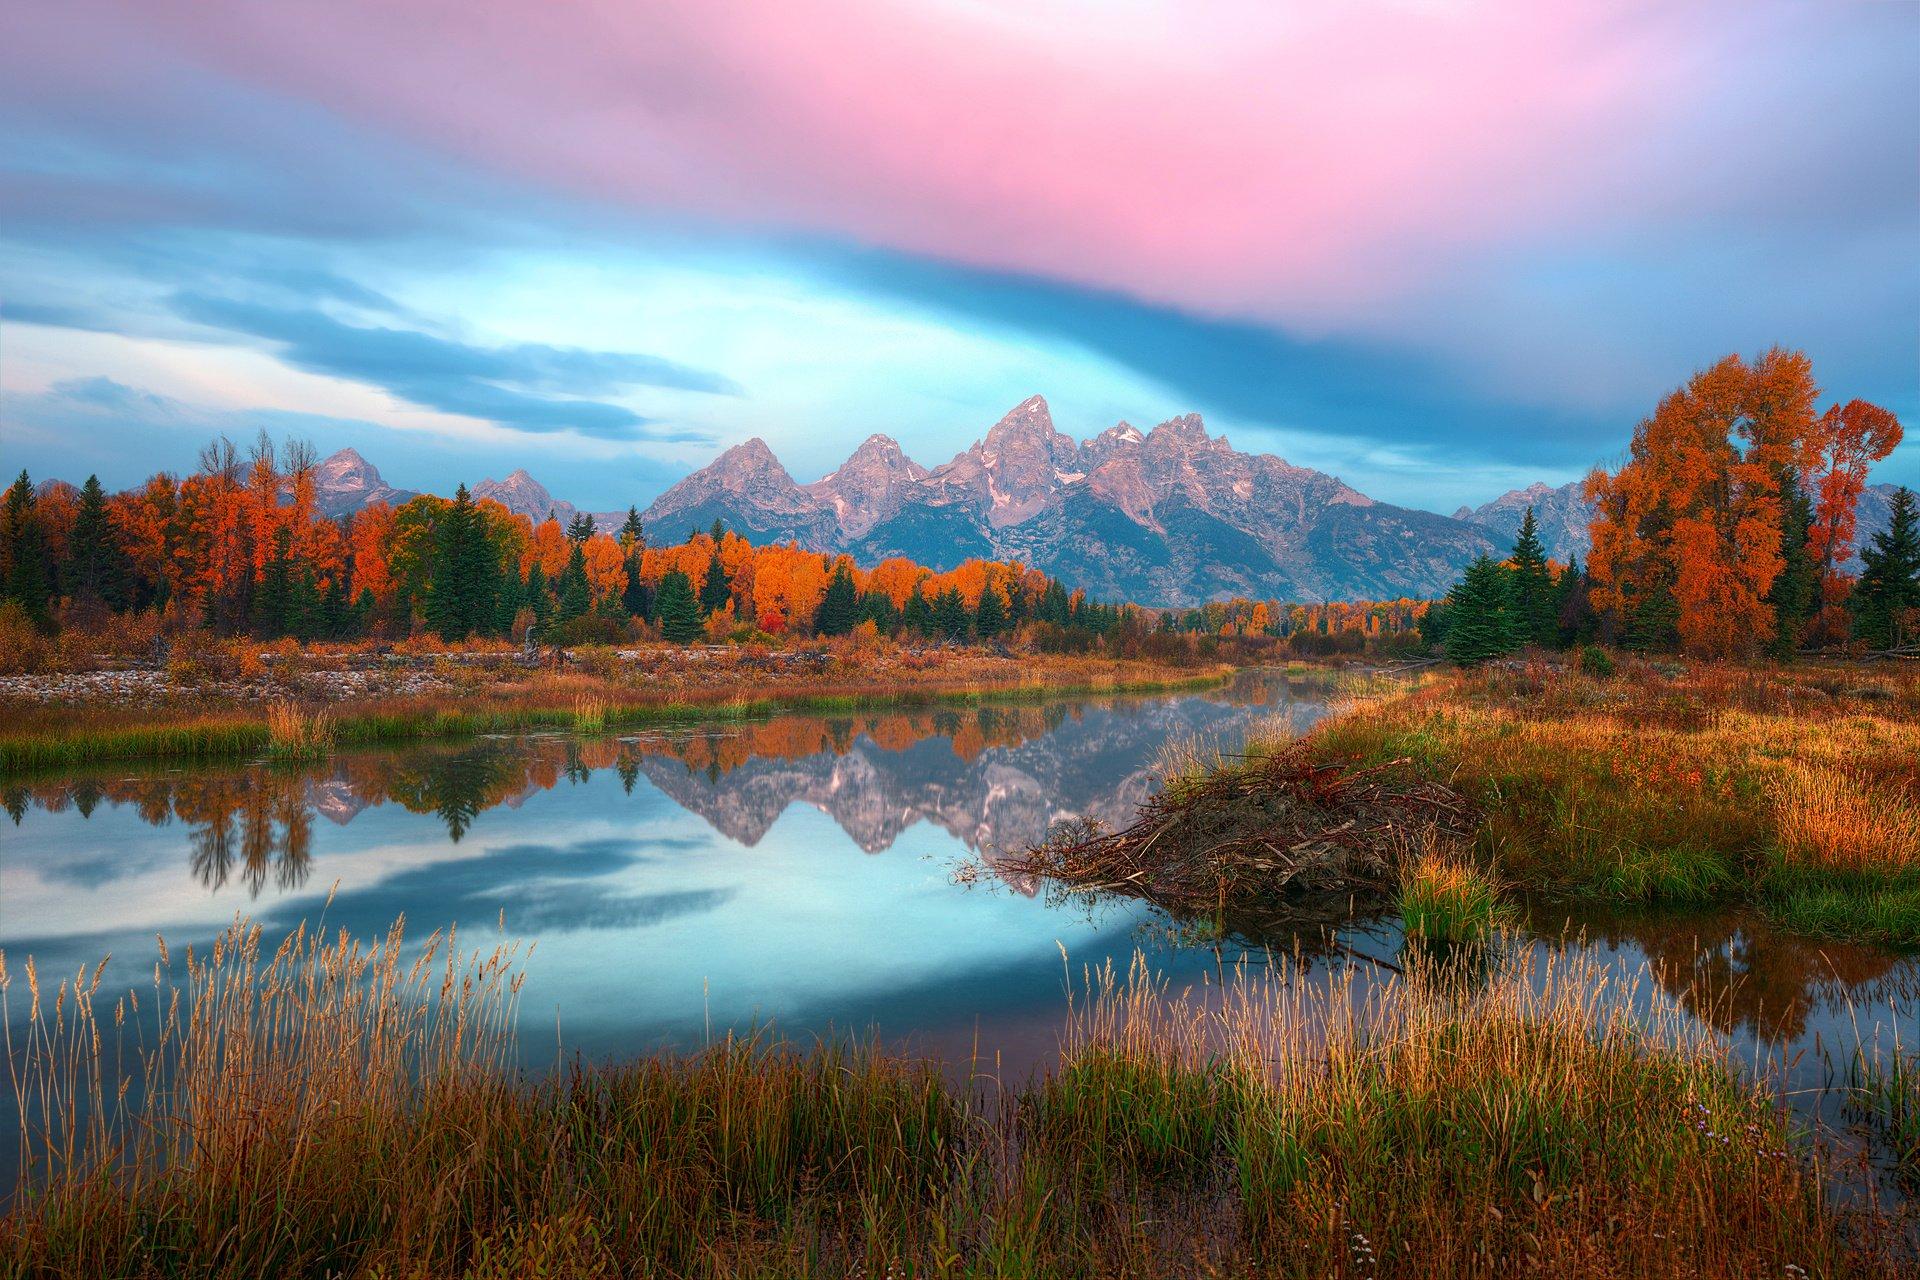 USA Wyoming autumn river lake reflection mountain ...